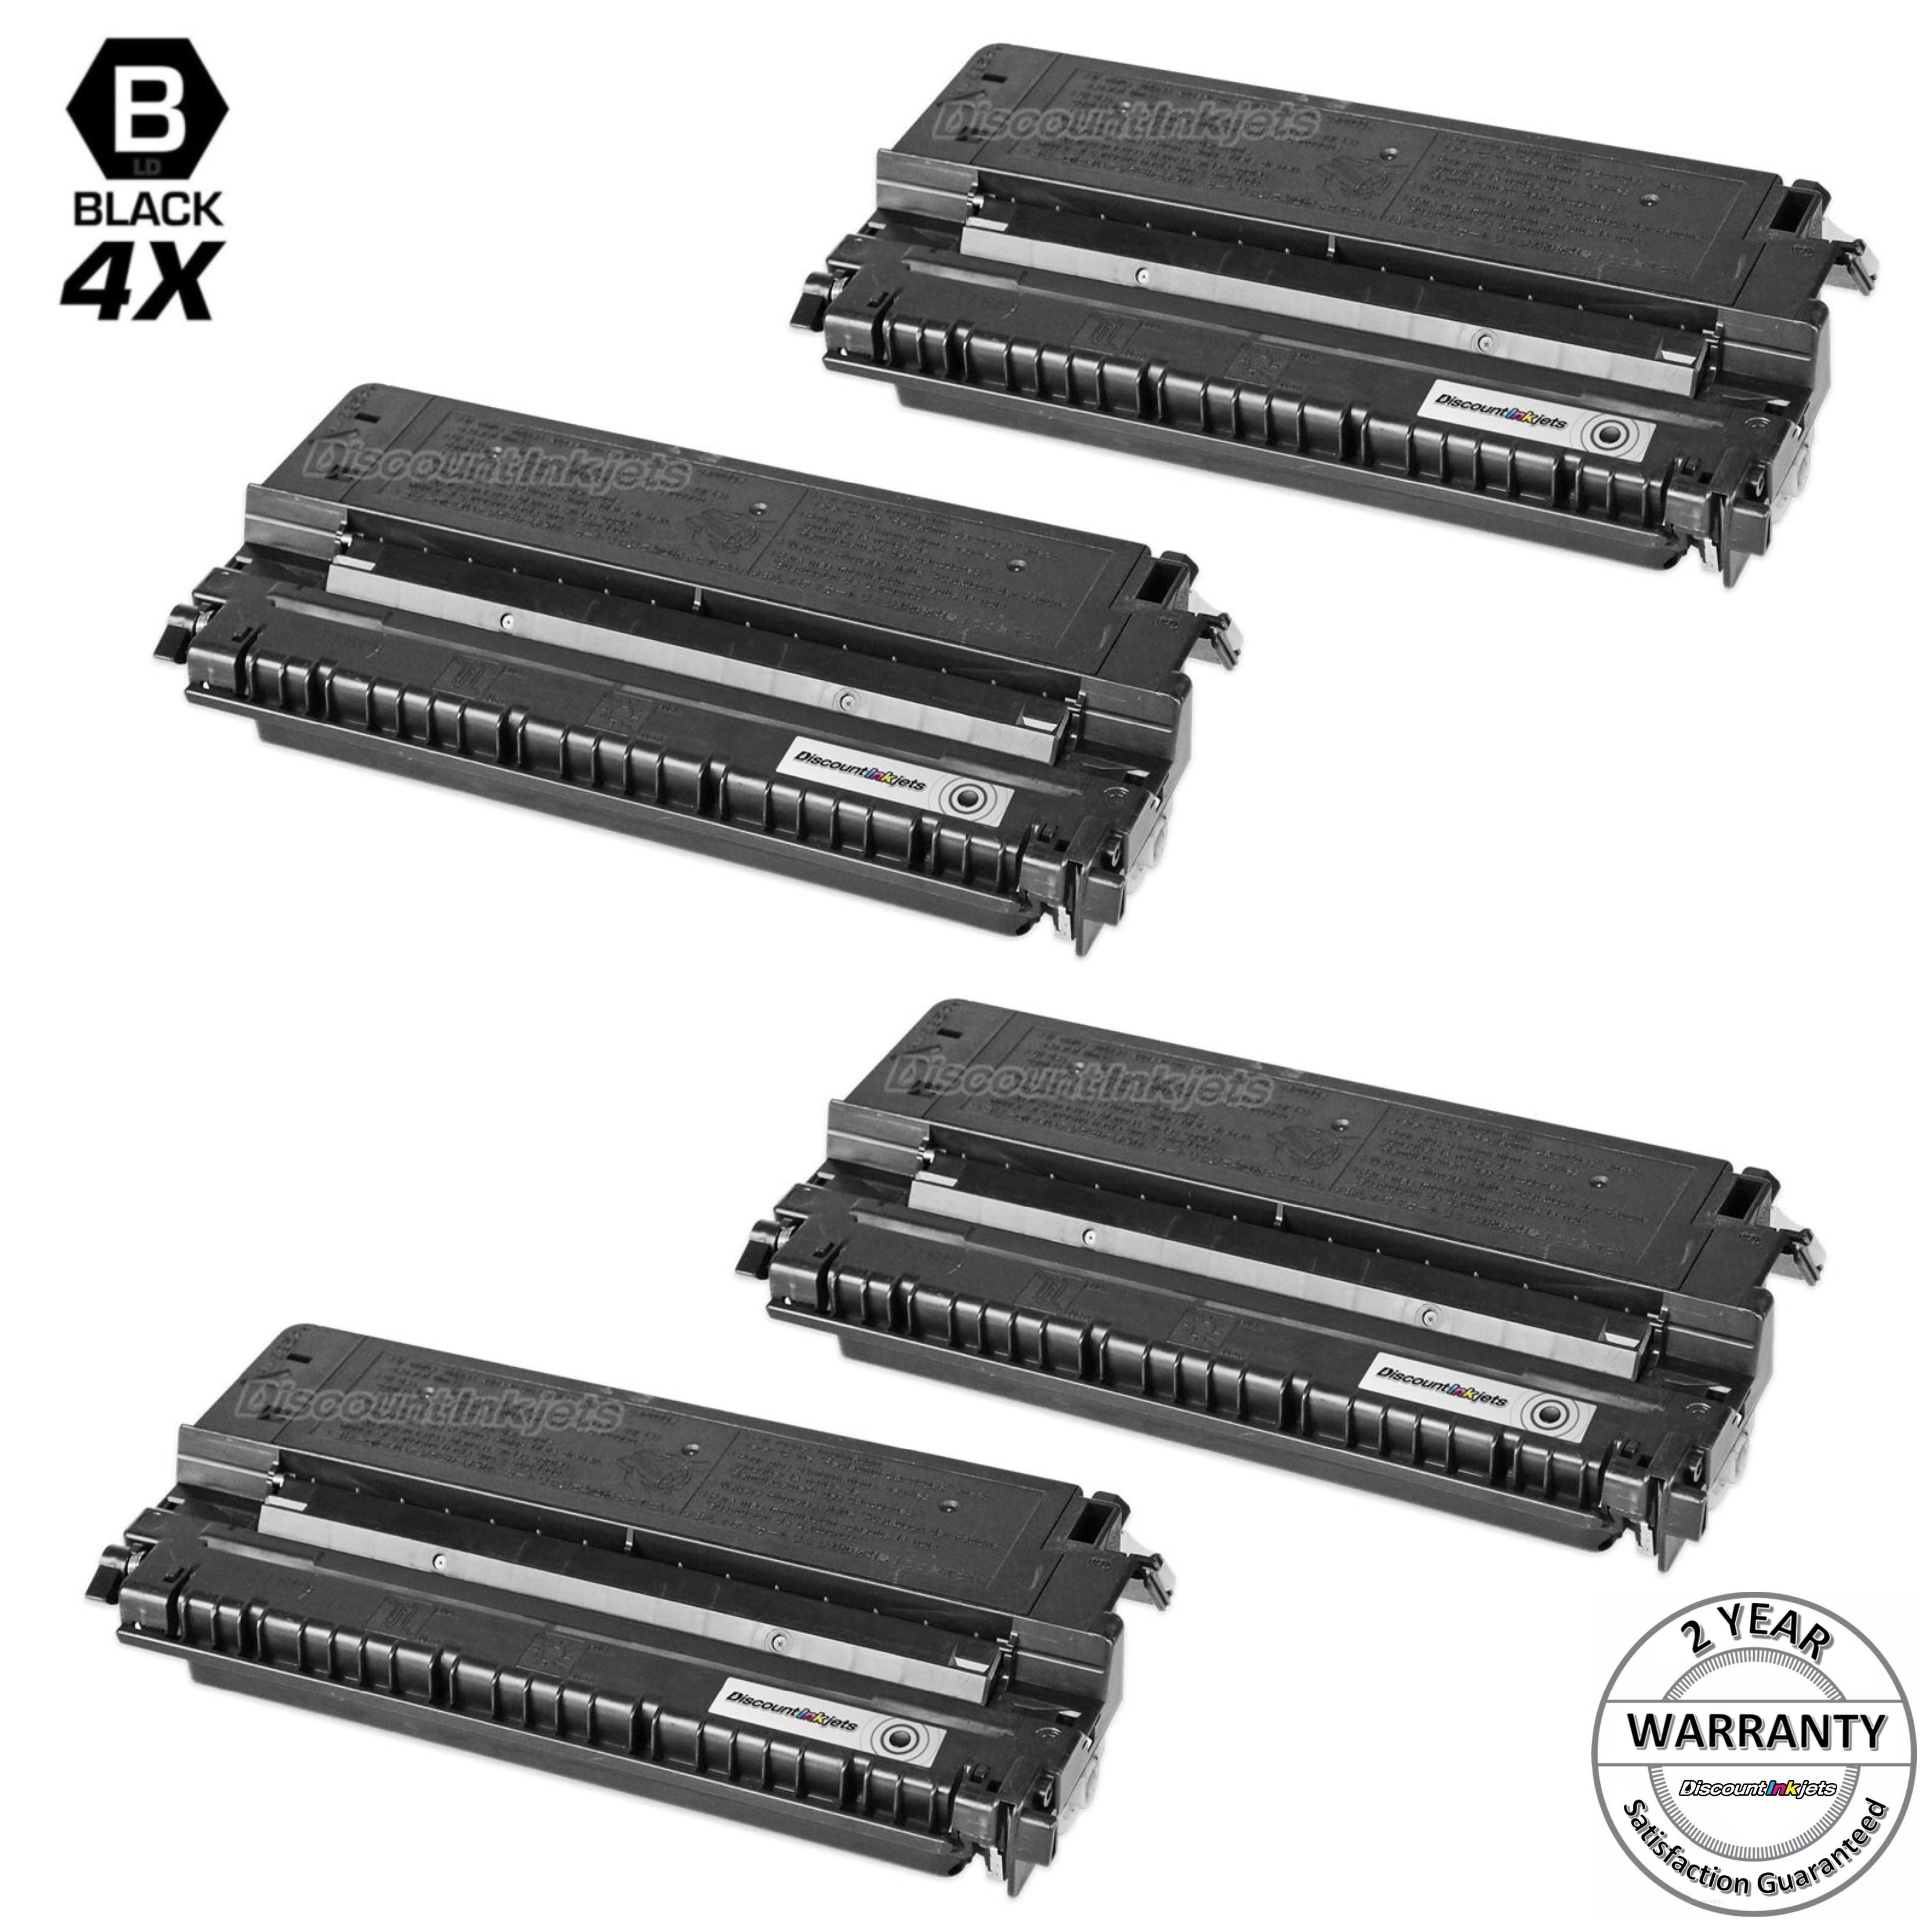 4PK E16 E40 Black Toner Cartridge New For Canon PC860 PC890 Free Shipping